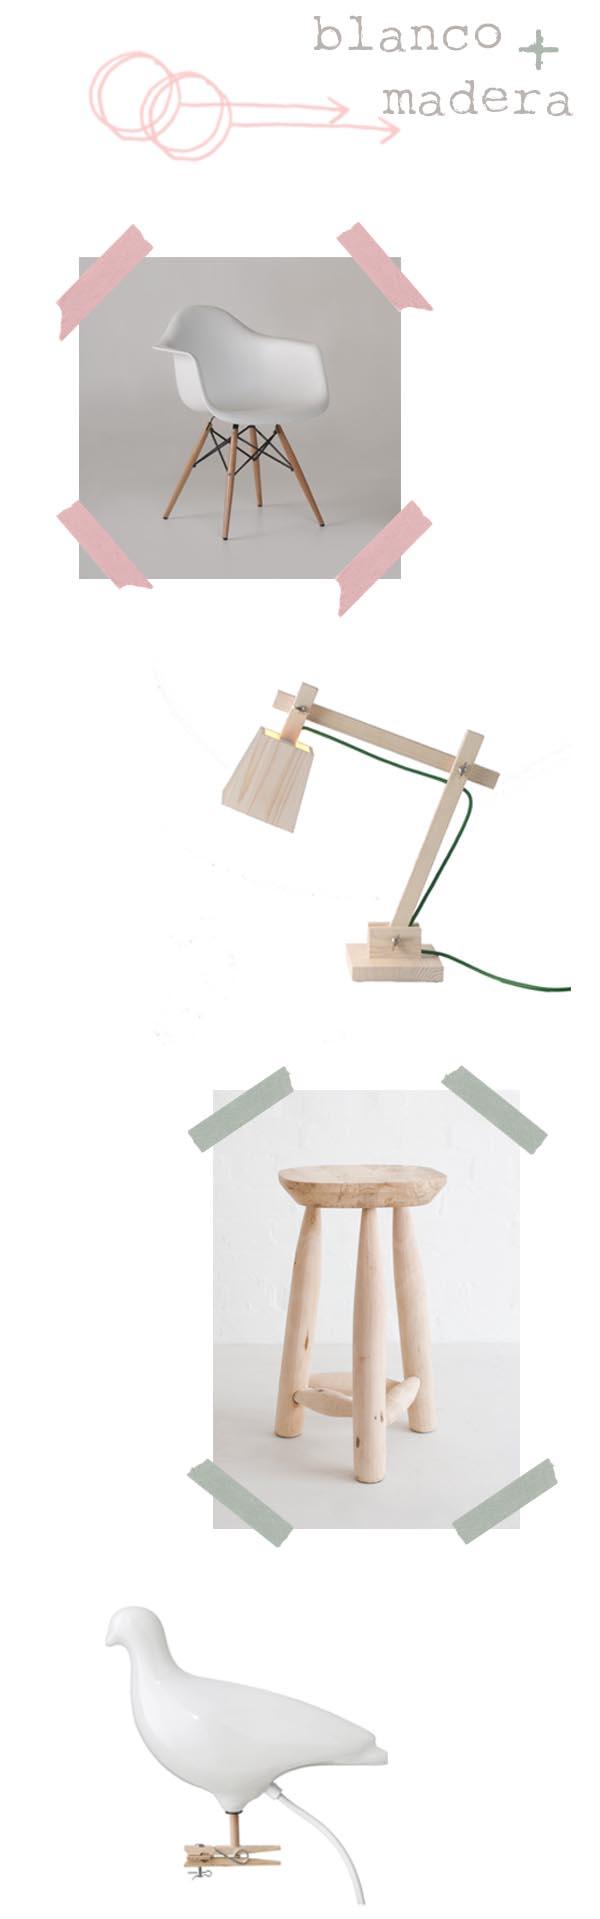 blanco y madera